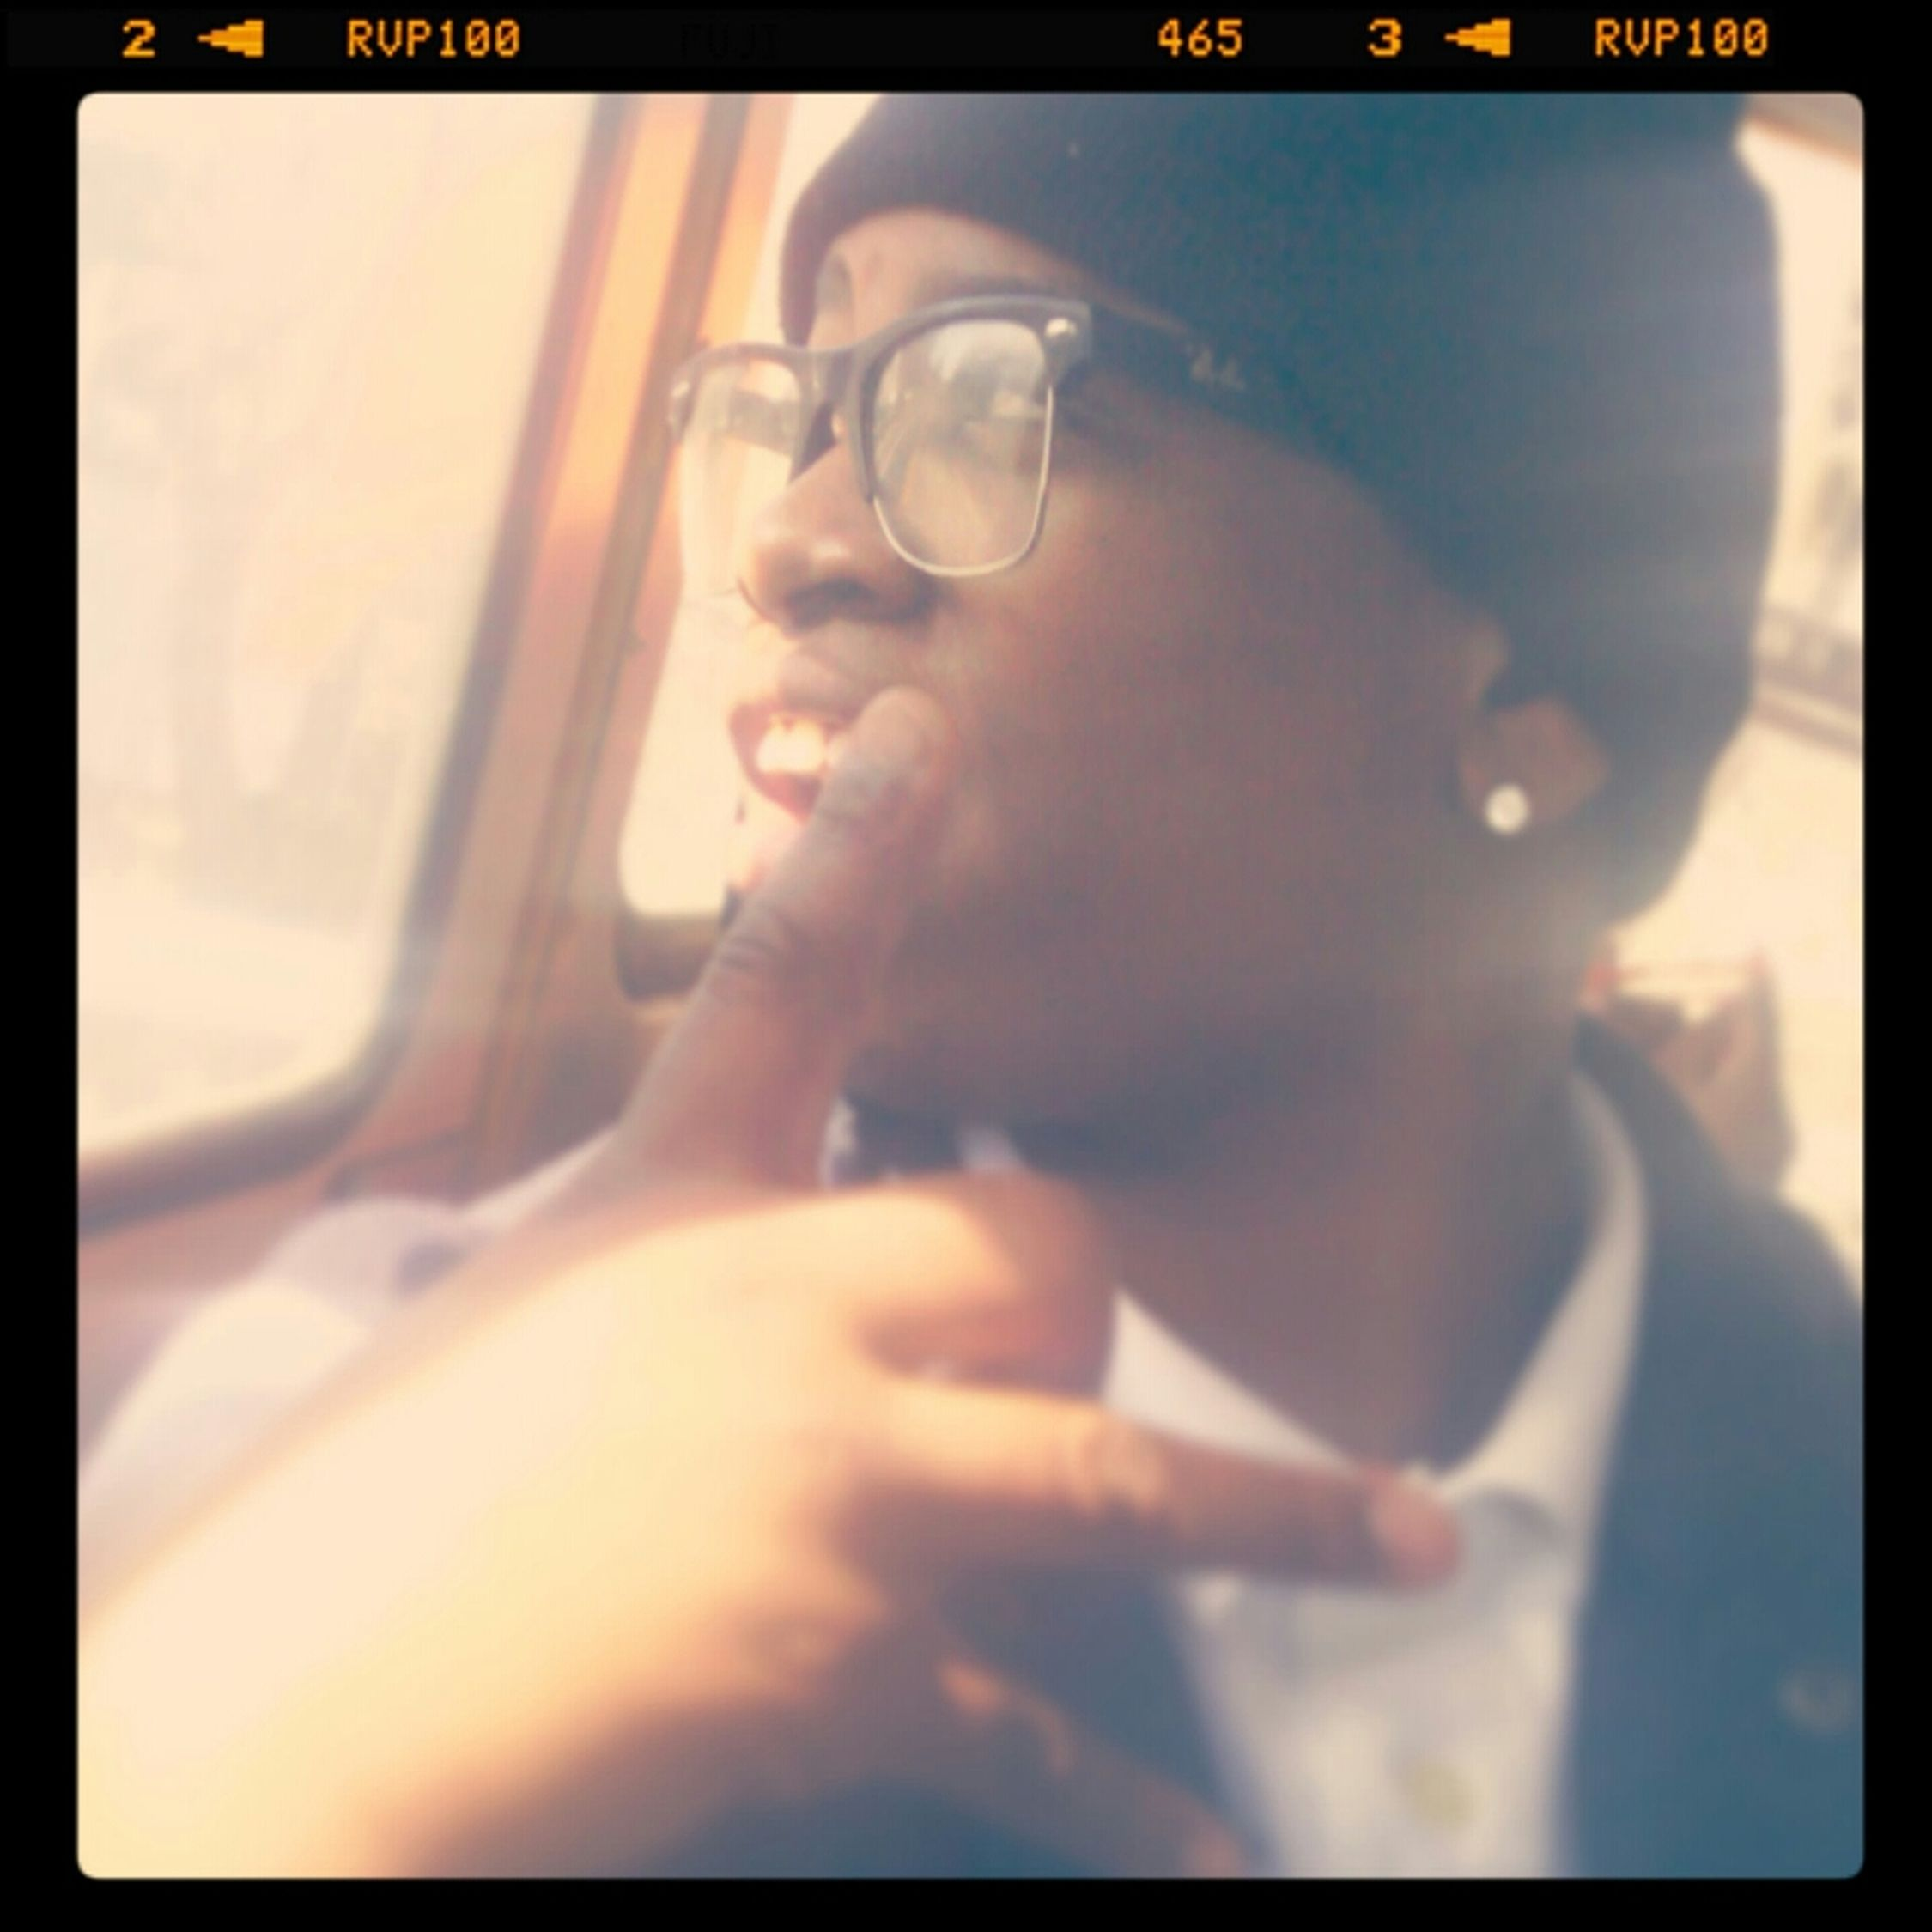 , Shawn Acting A Fool Lhh : )